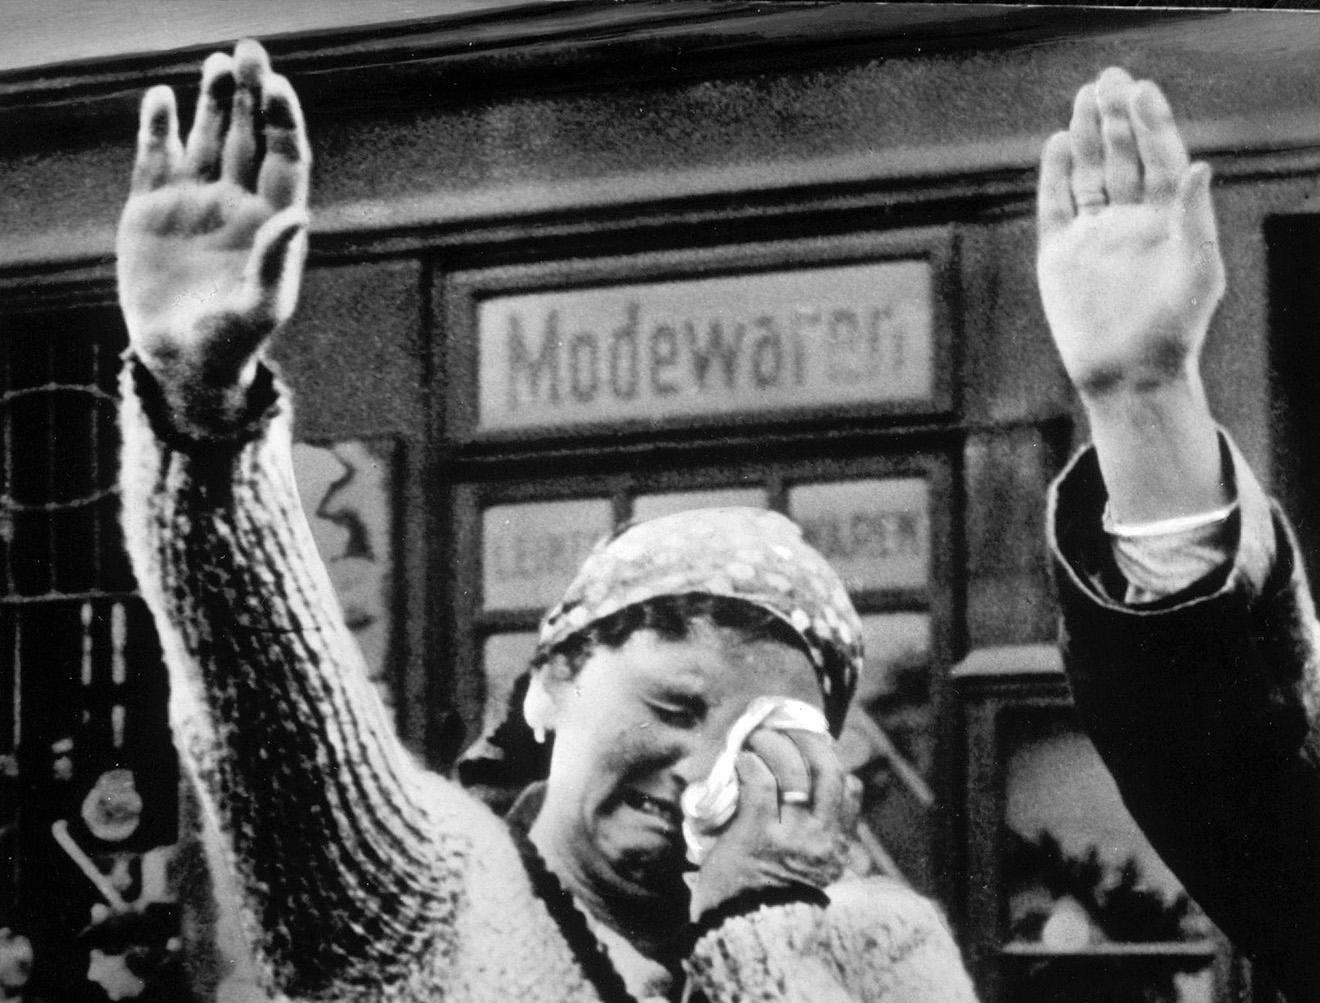 Жительница Судетской области Чехословакии салютует войскам фашистской Германии, 1938 год.